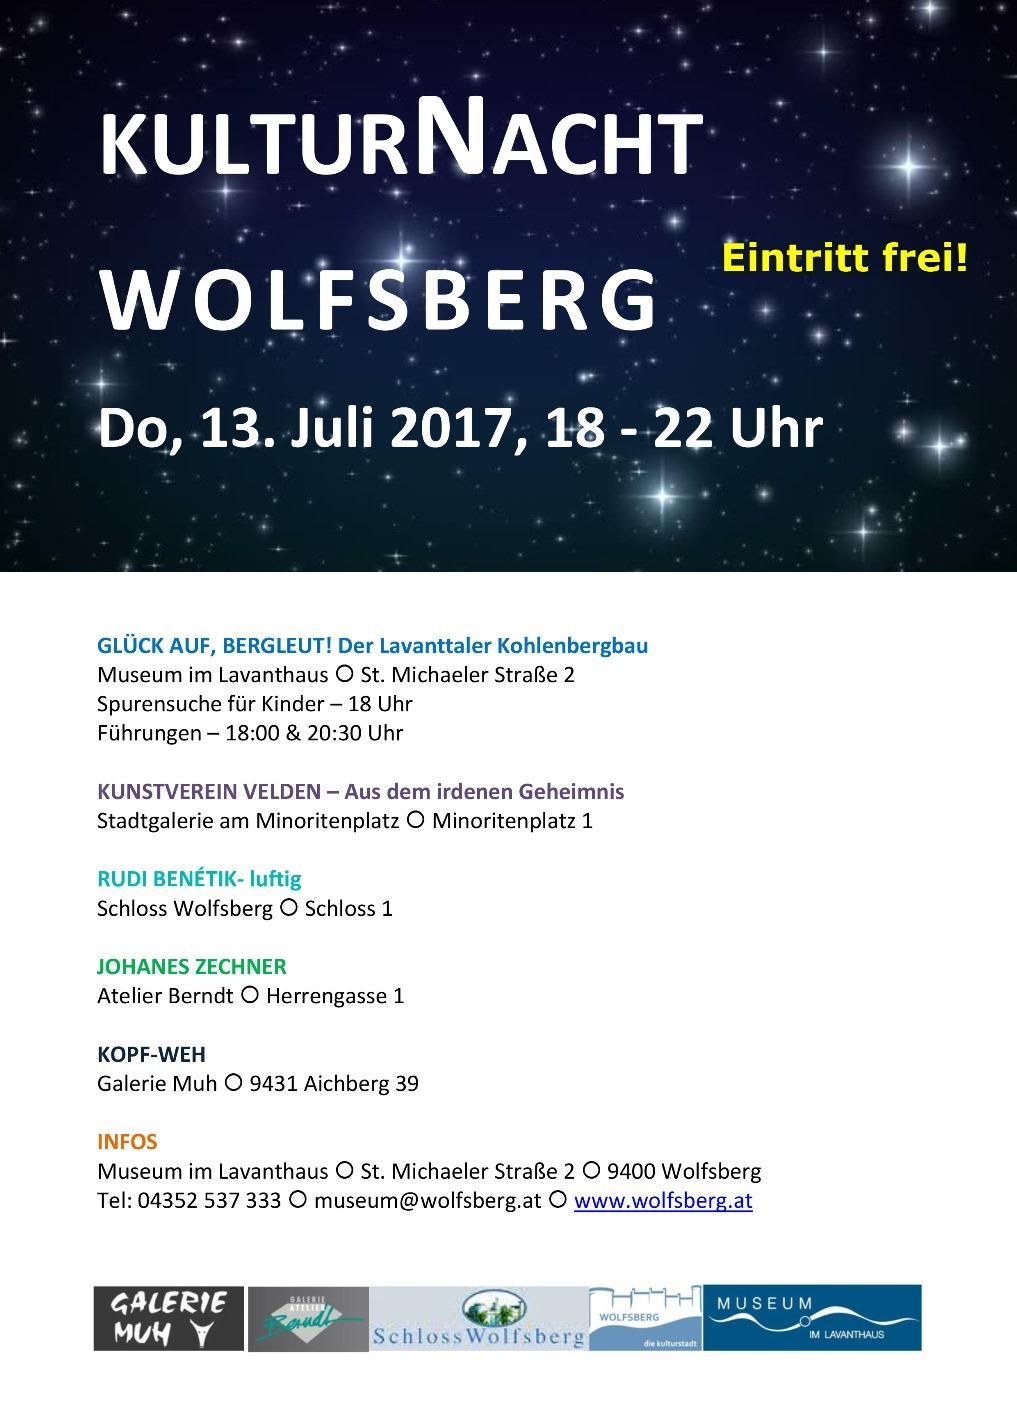 KULTURnacht_2017_web